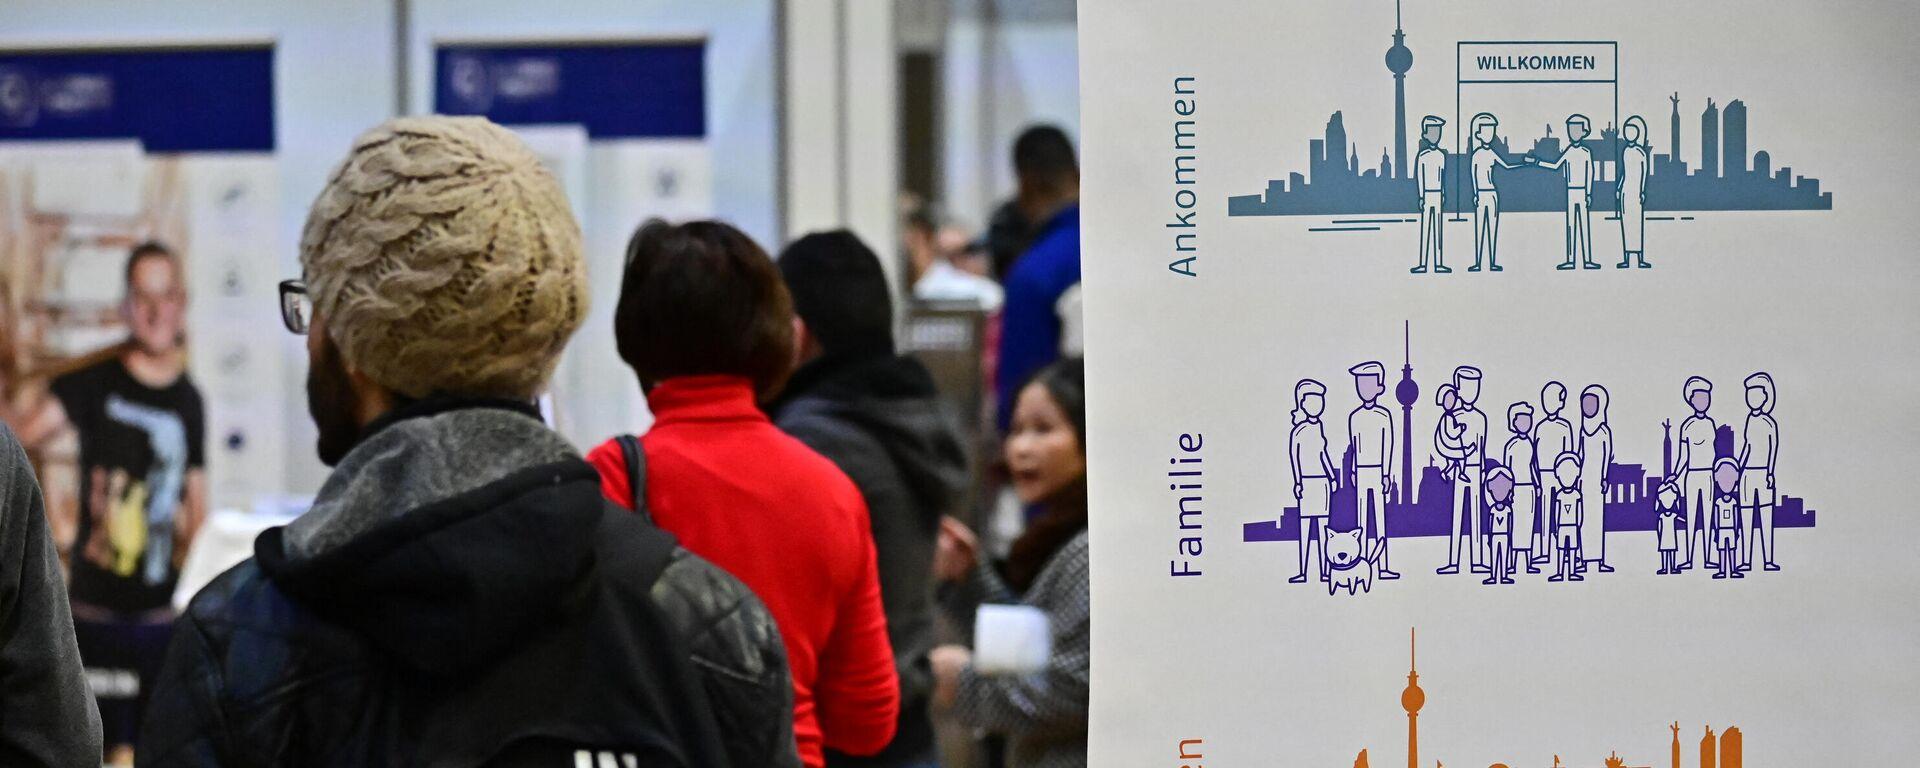 Eine Jobmesse für Migranten, die von der Bundesagentur für Arbeit Ende Januar 2019 in Berlin veranstaltet wurde.  - SNA, 1920, 24.08.2021